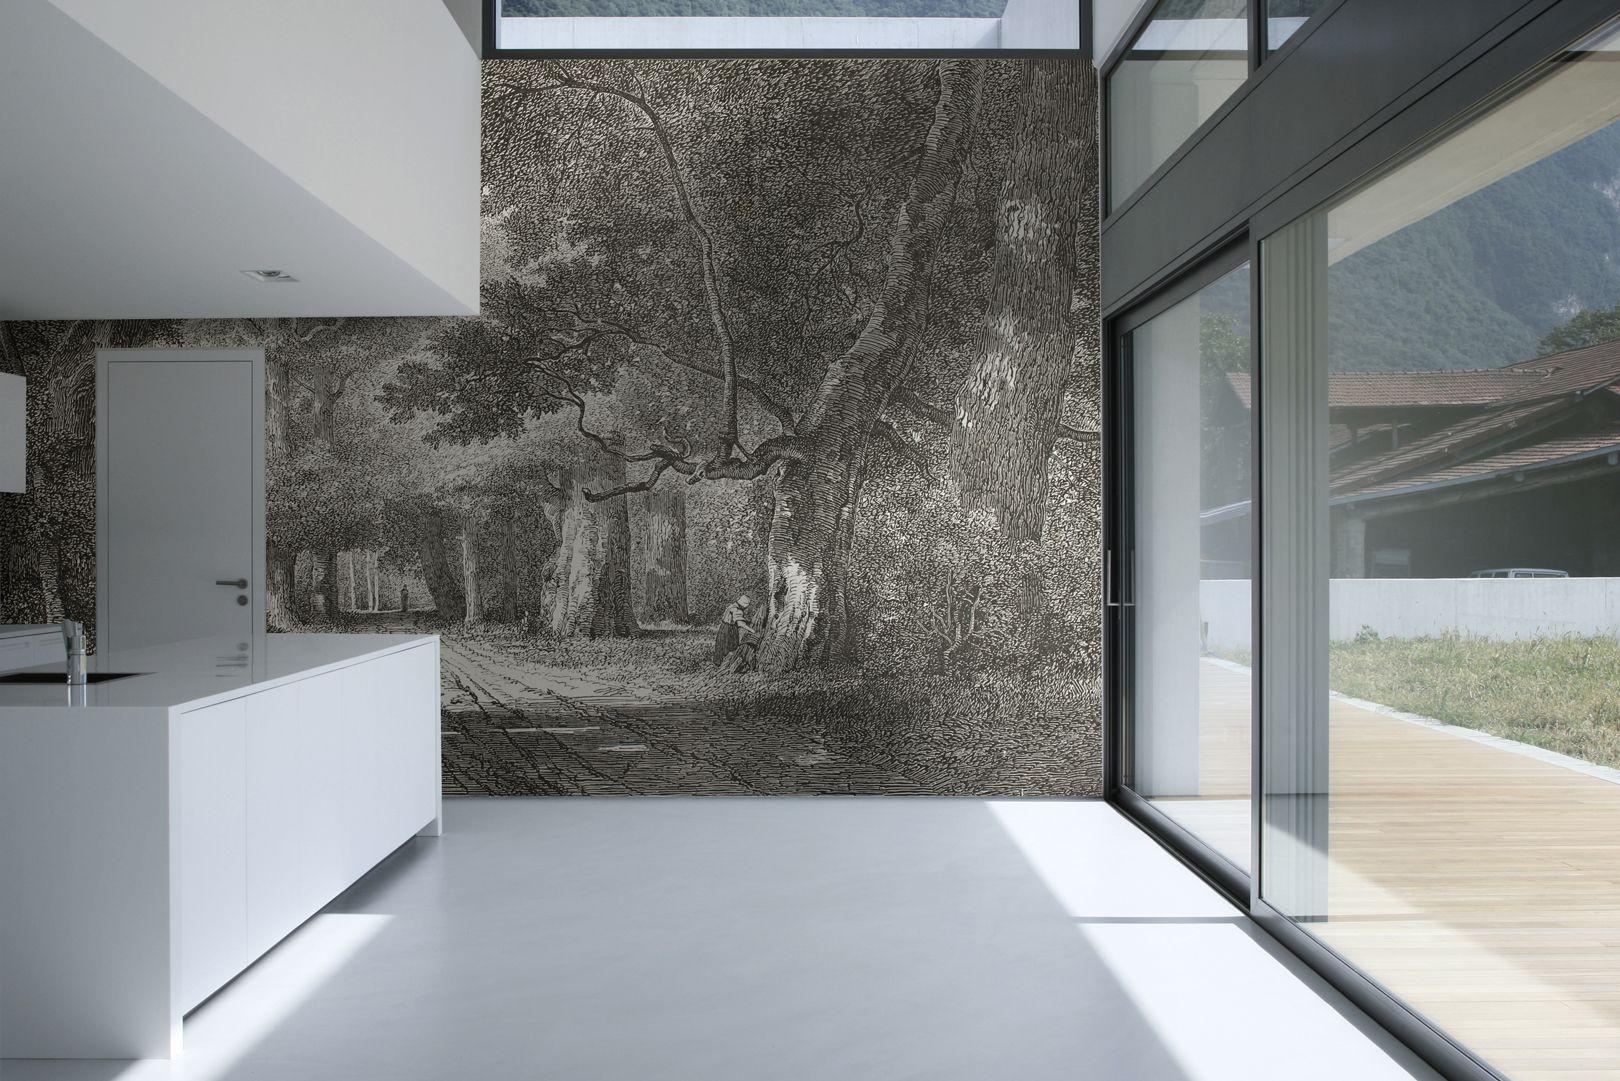 mur-imprimé-chopard-01